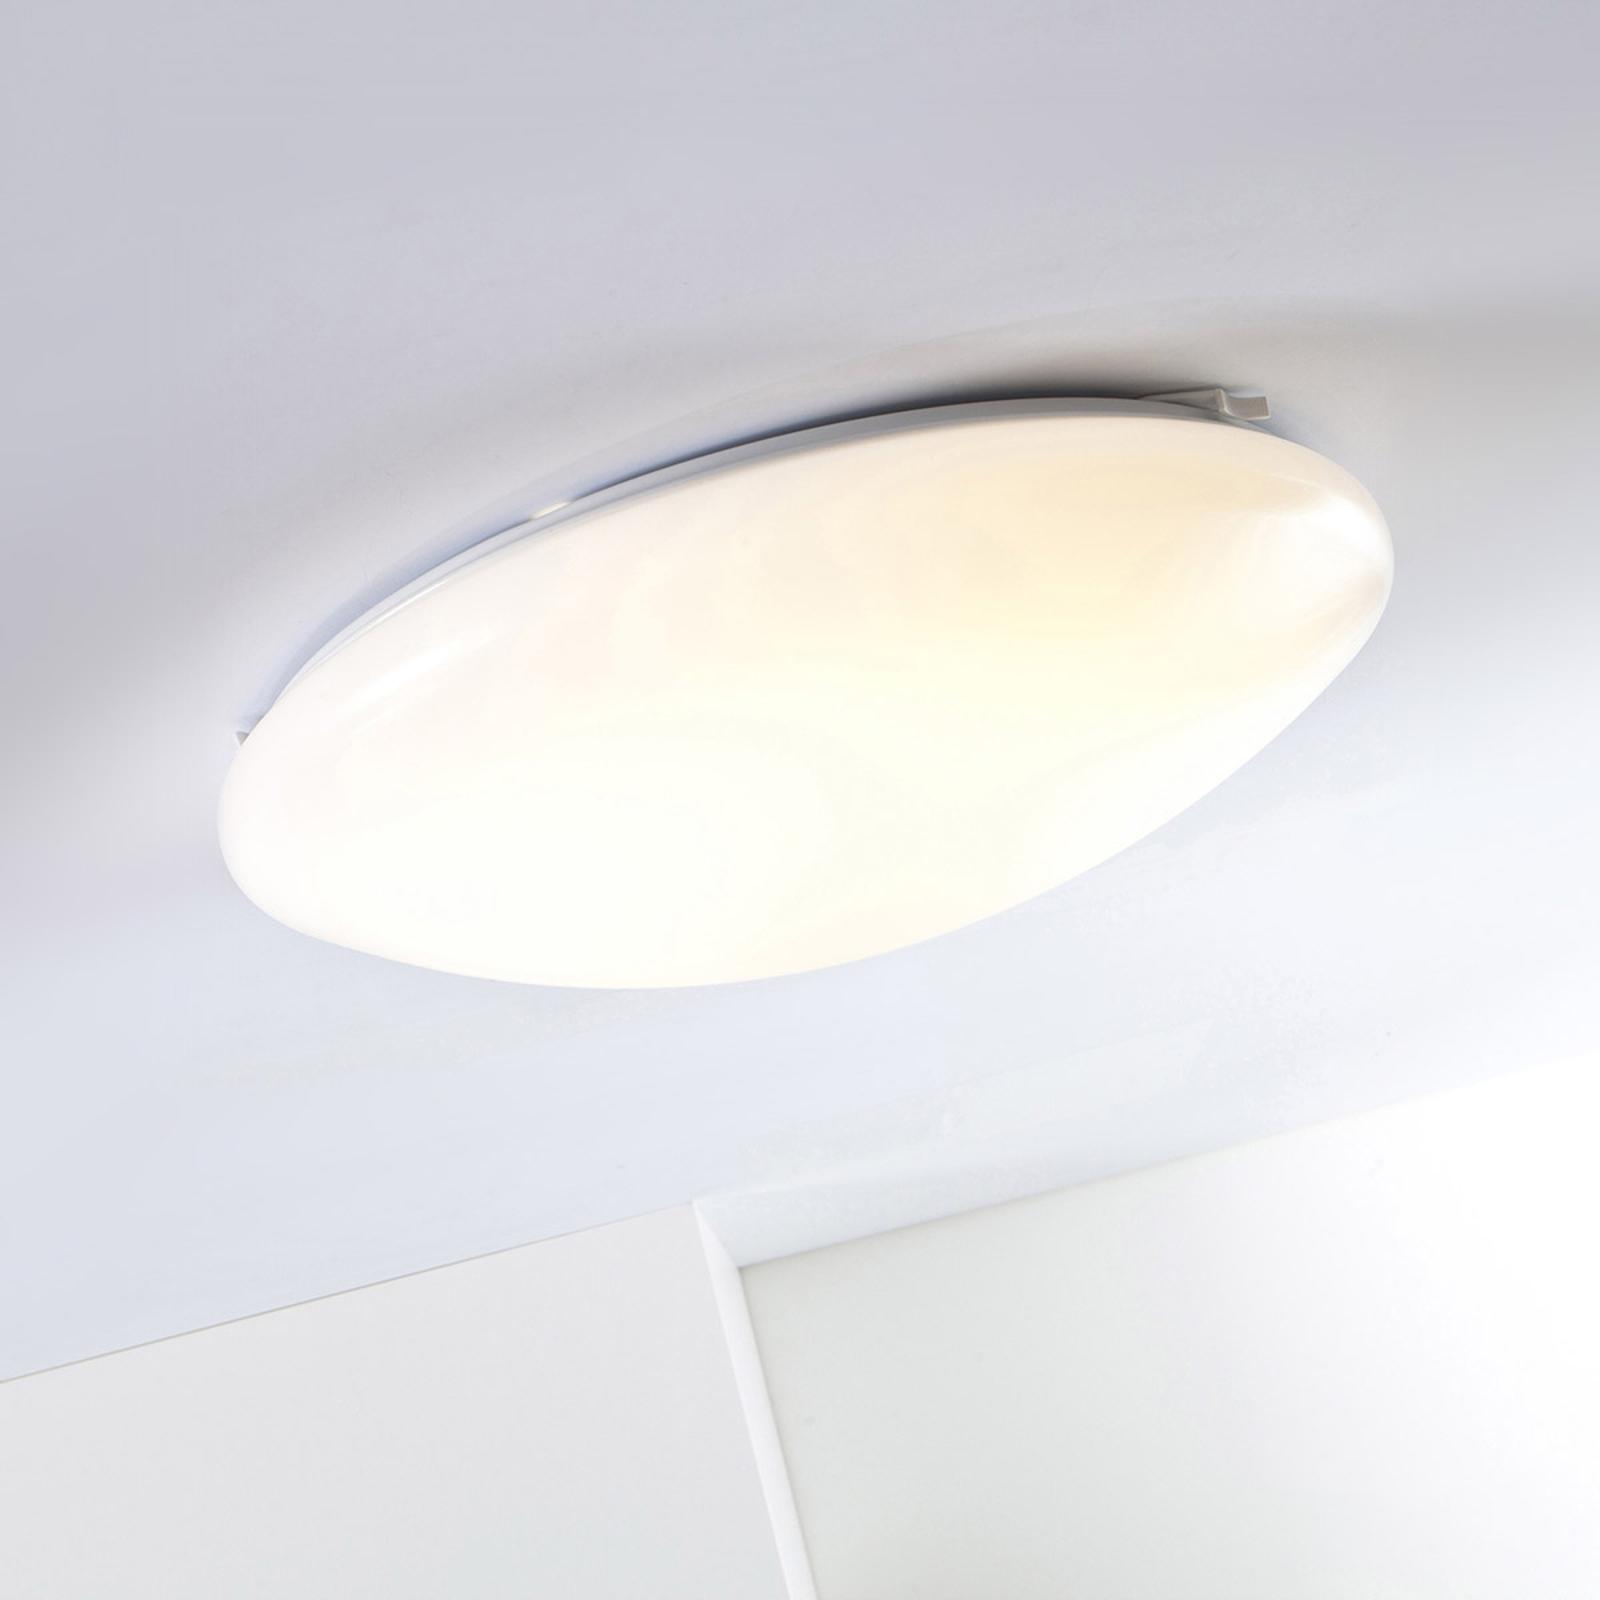 AEG LED Basic – rund LED-taklampa, 22W